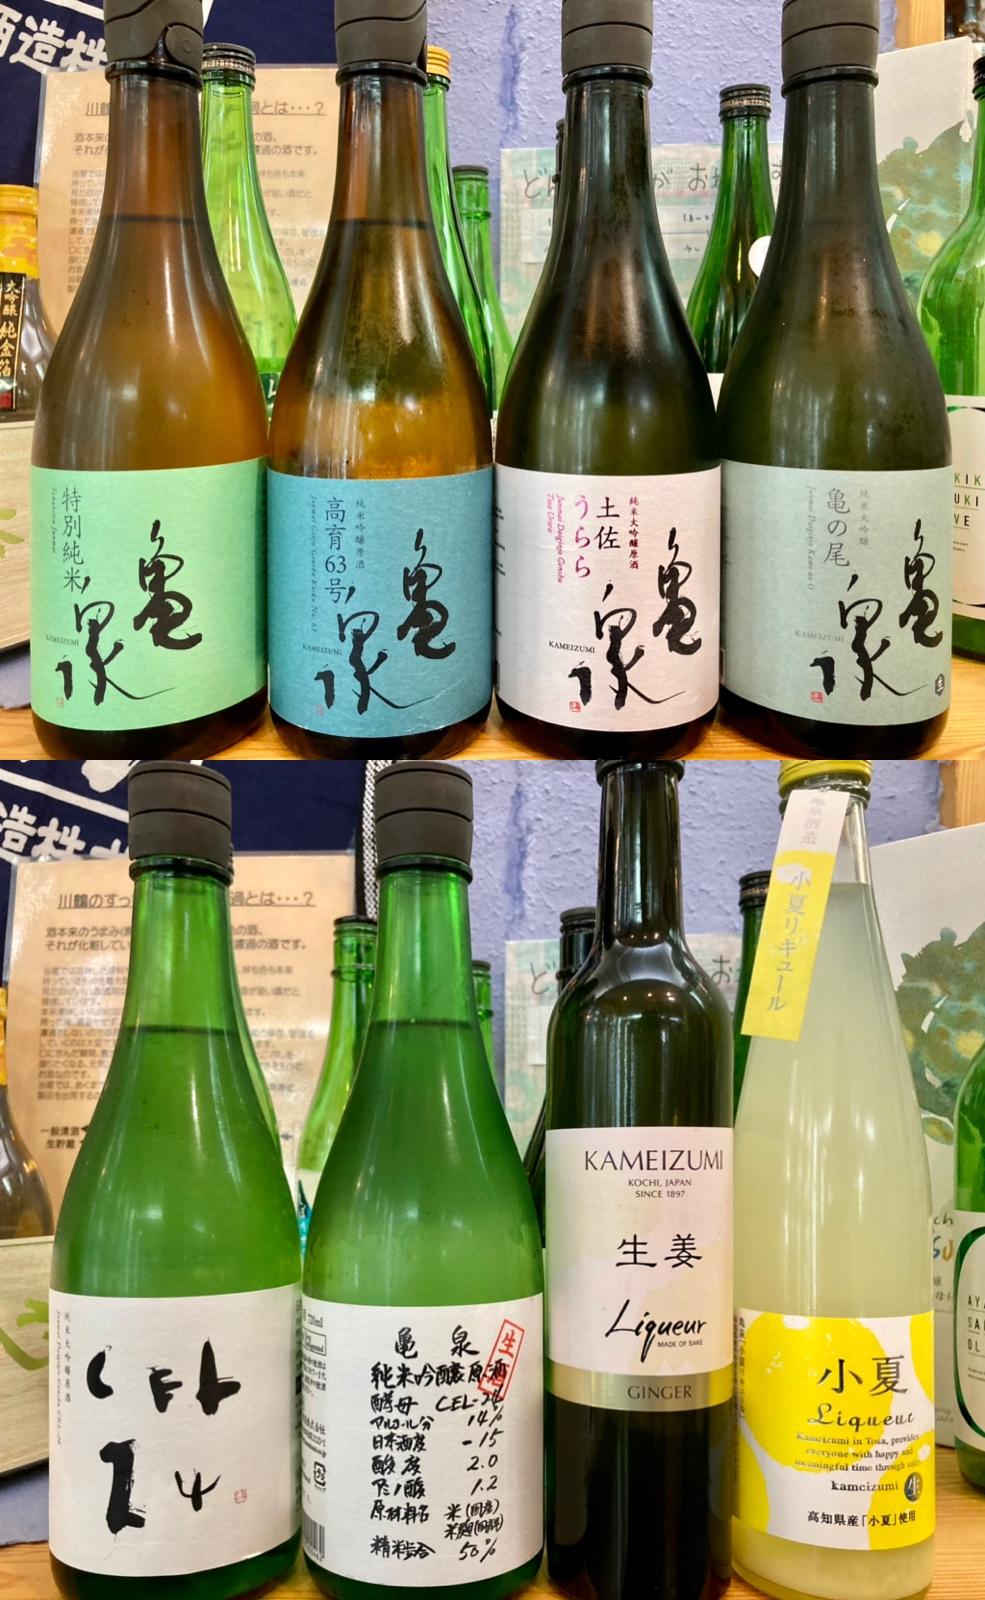 本日5月23日は「世界亀の日」☆ なので今日は、高知県の亀さん【亀泉酒造】さんの御紹介♪